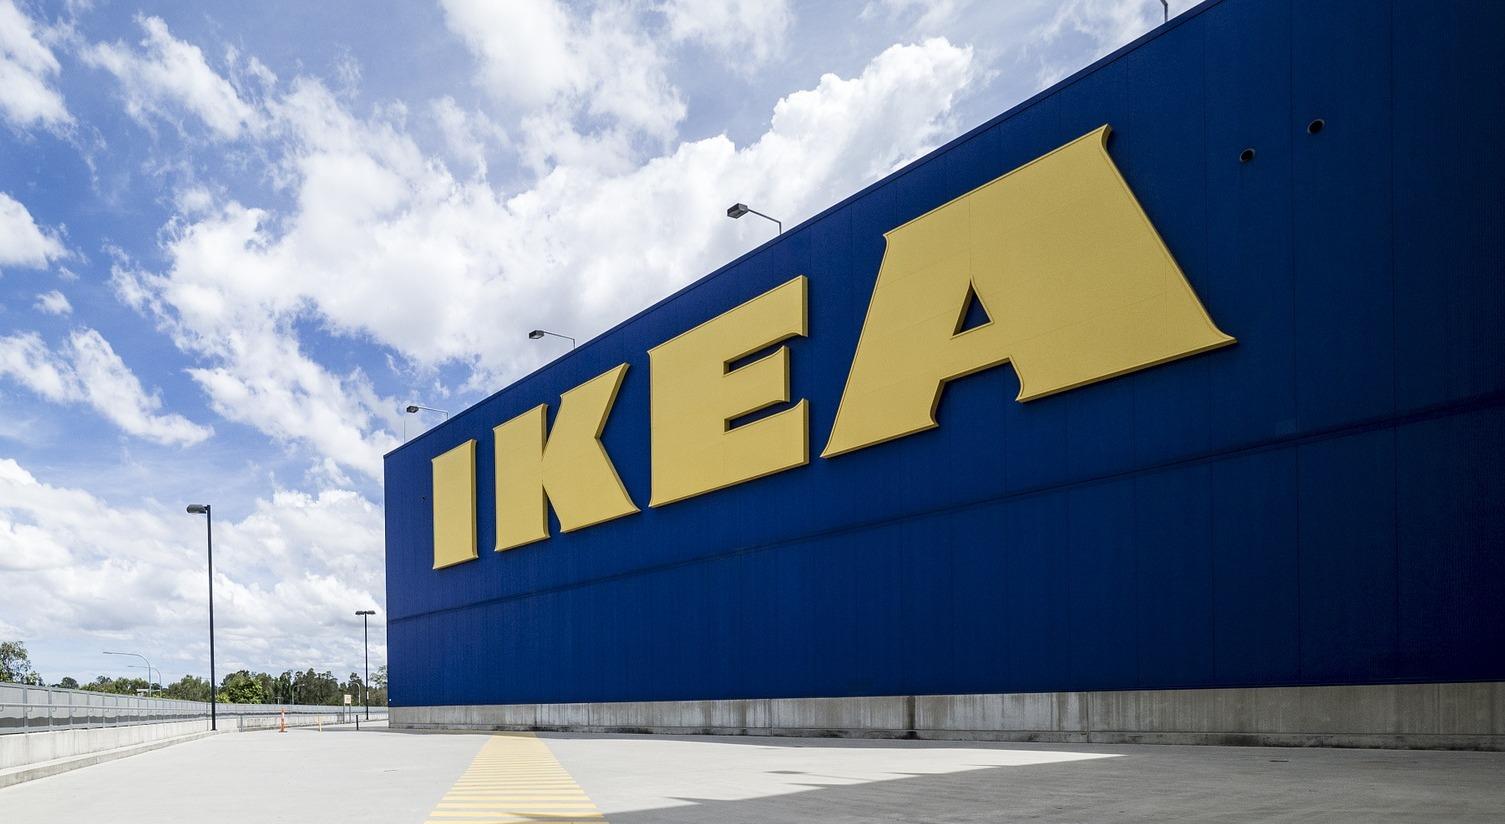 Ikea wil meubels verhuren aan klanten